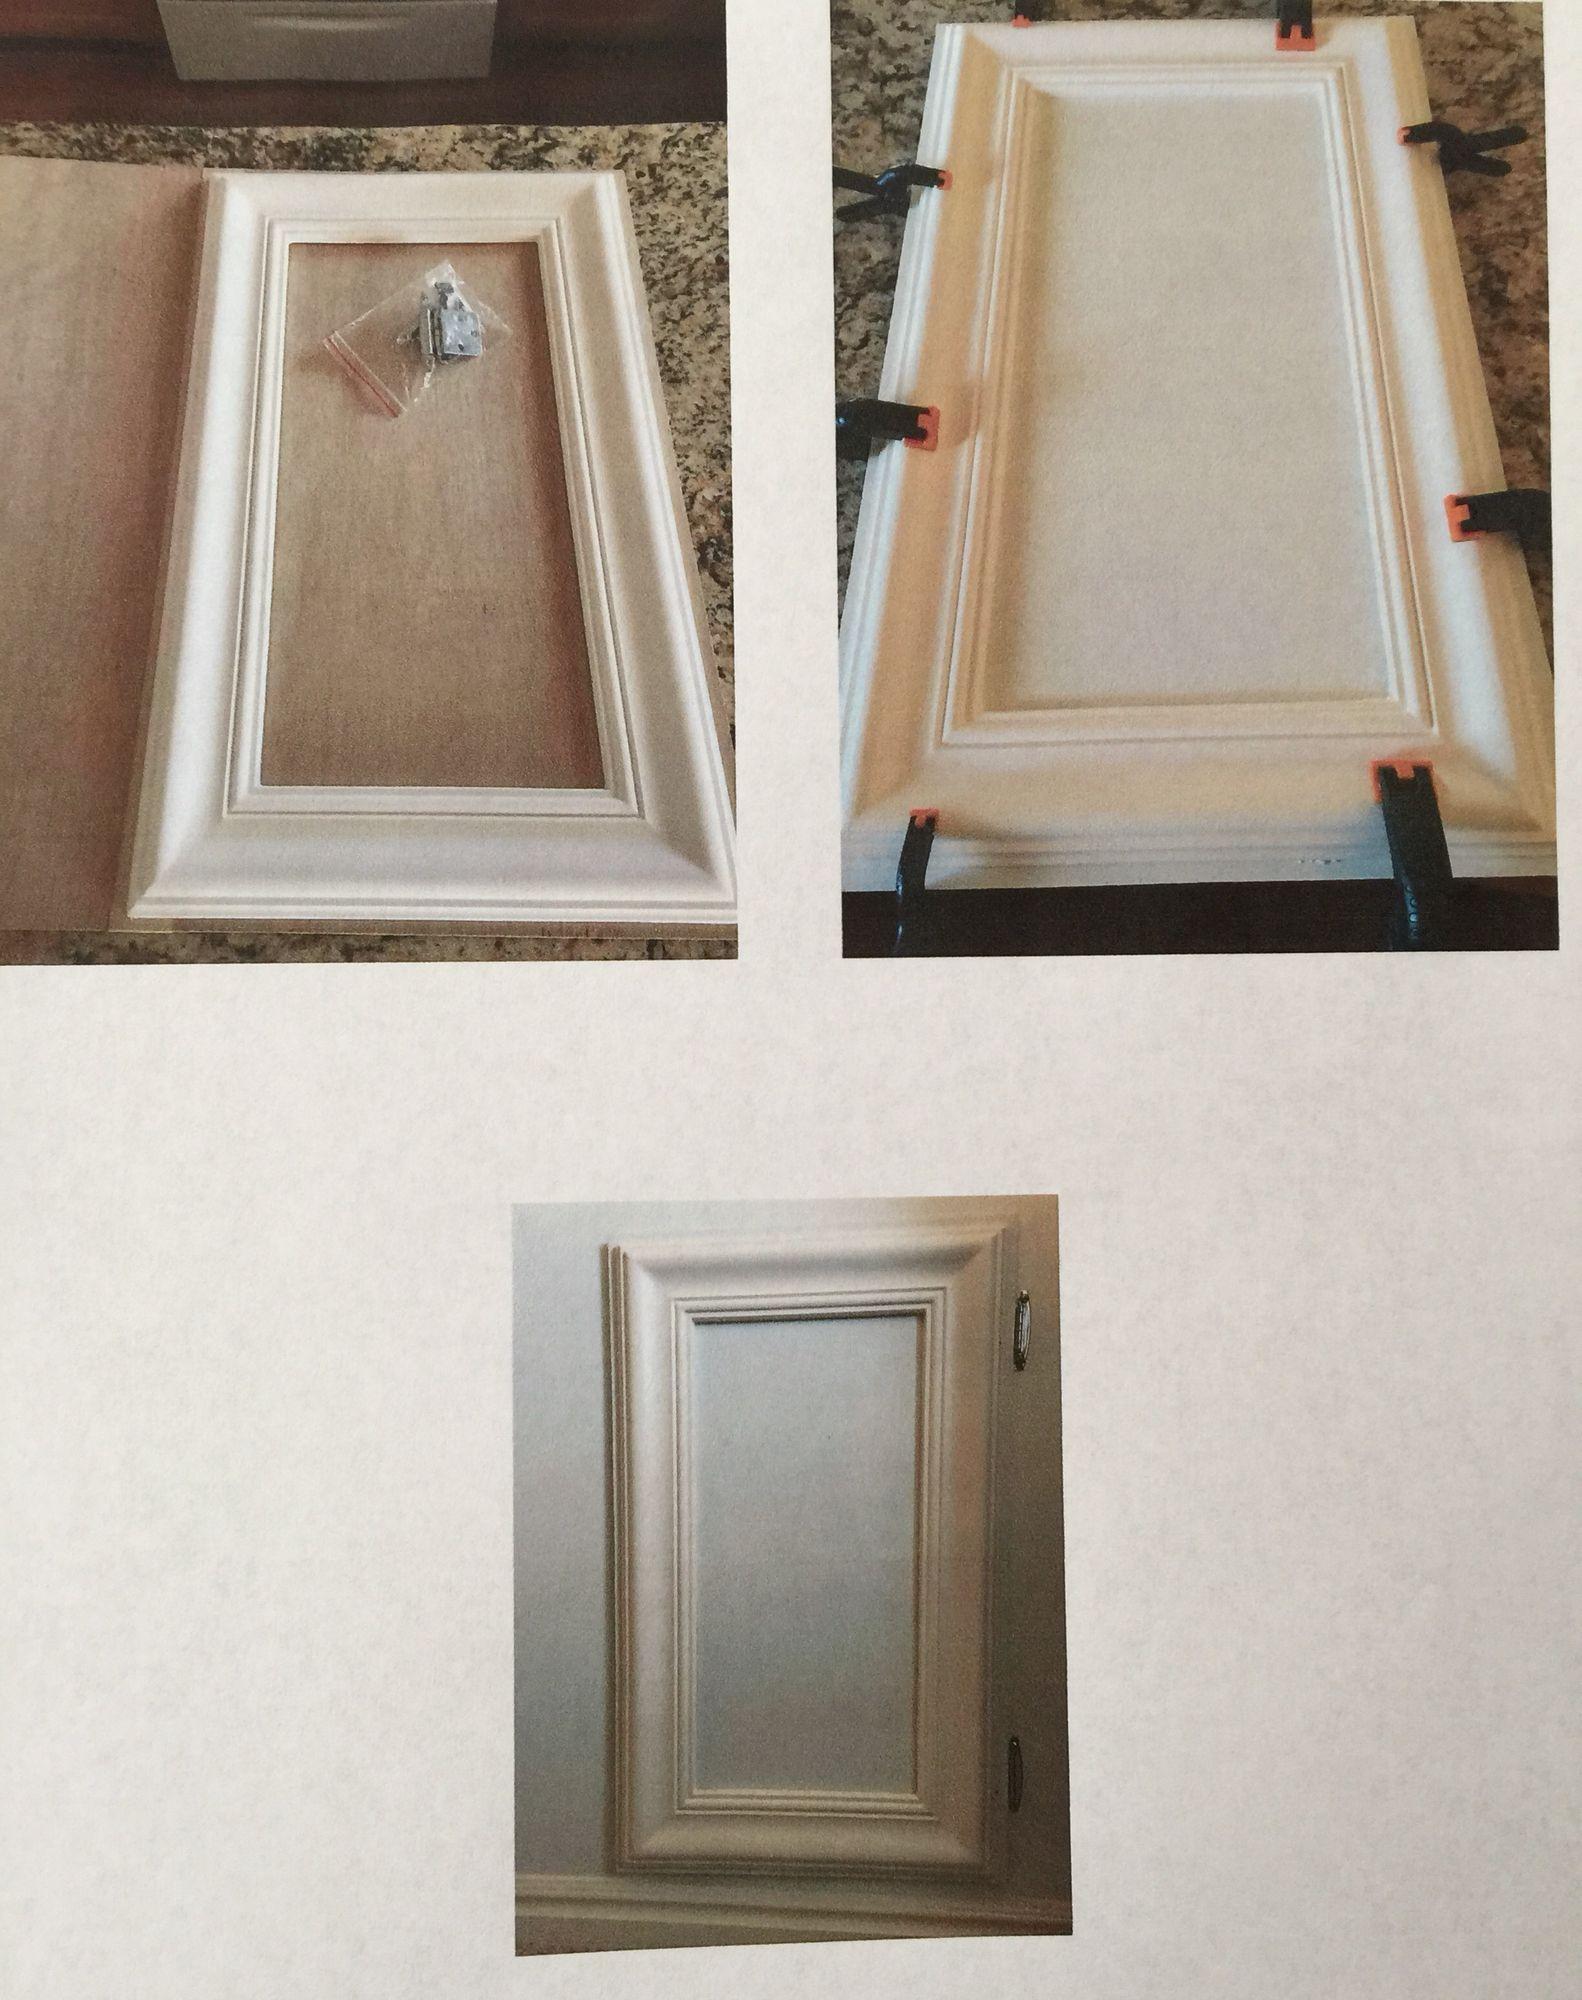 bauco softline drywall access shower door pin plumbing installation panel doors